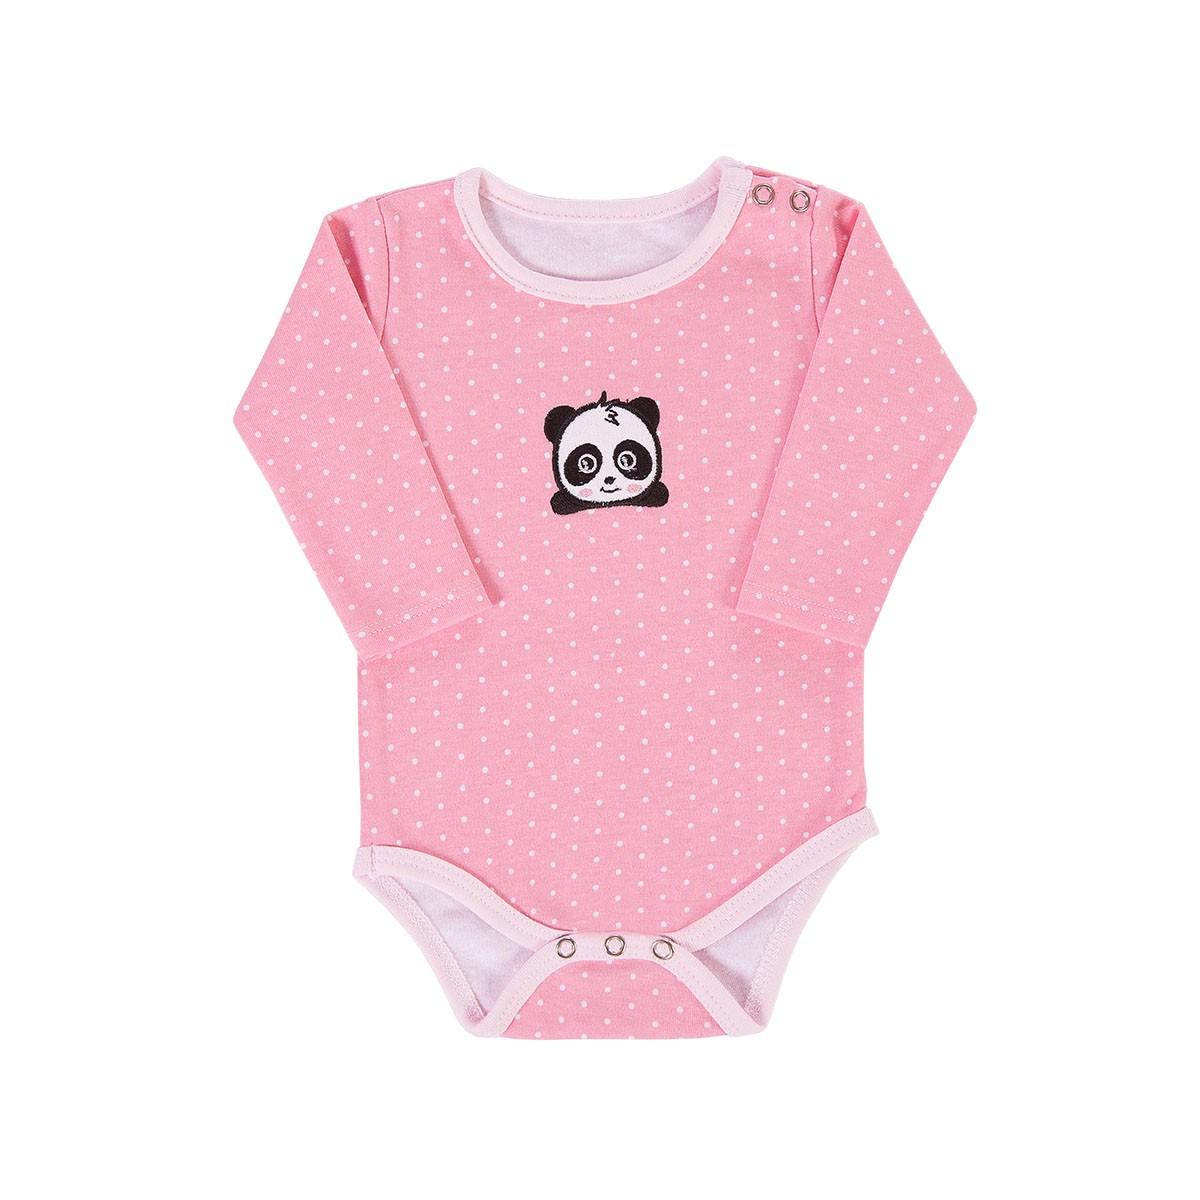 BABY KIT SOLZINHO PANDA ROSA